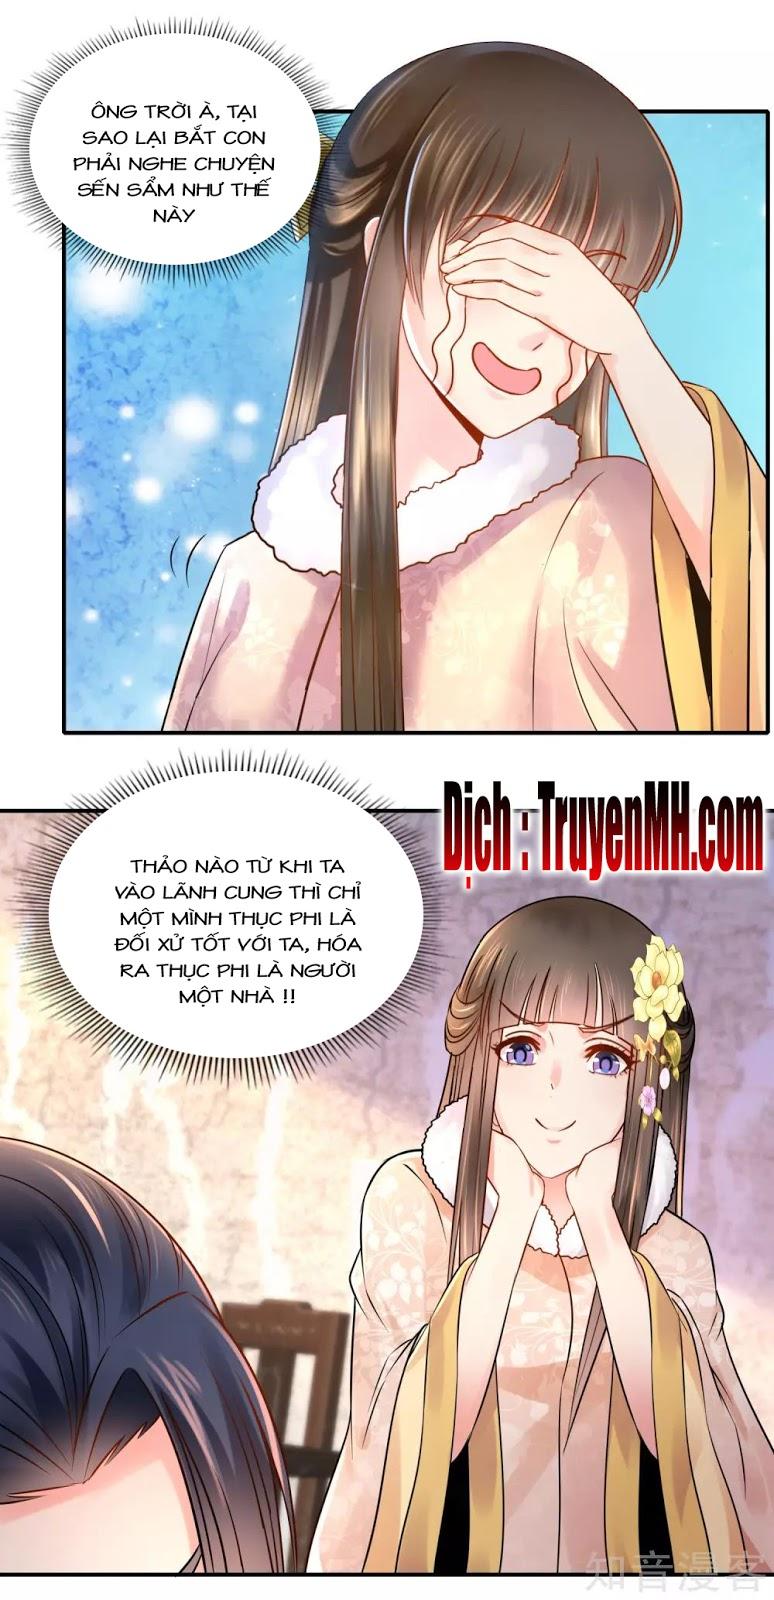 Lãnh Cung Phế Hậu Muốn Nghịch Thiên chap 54 - Trang 7